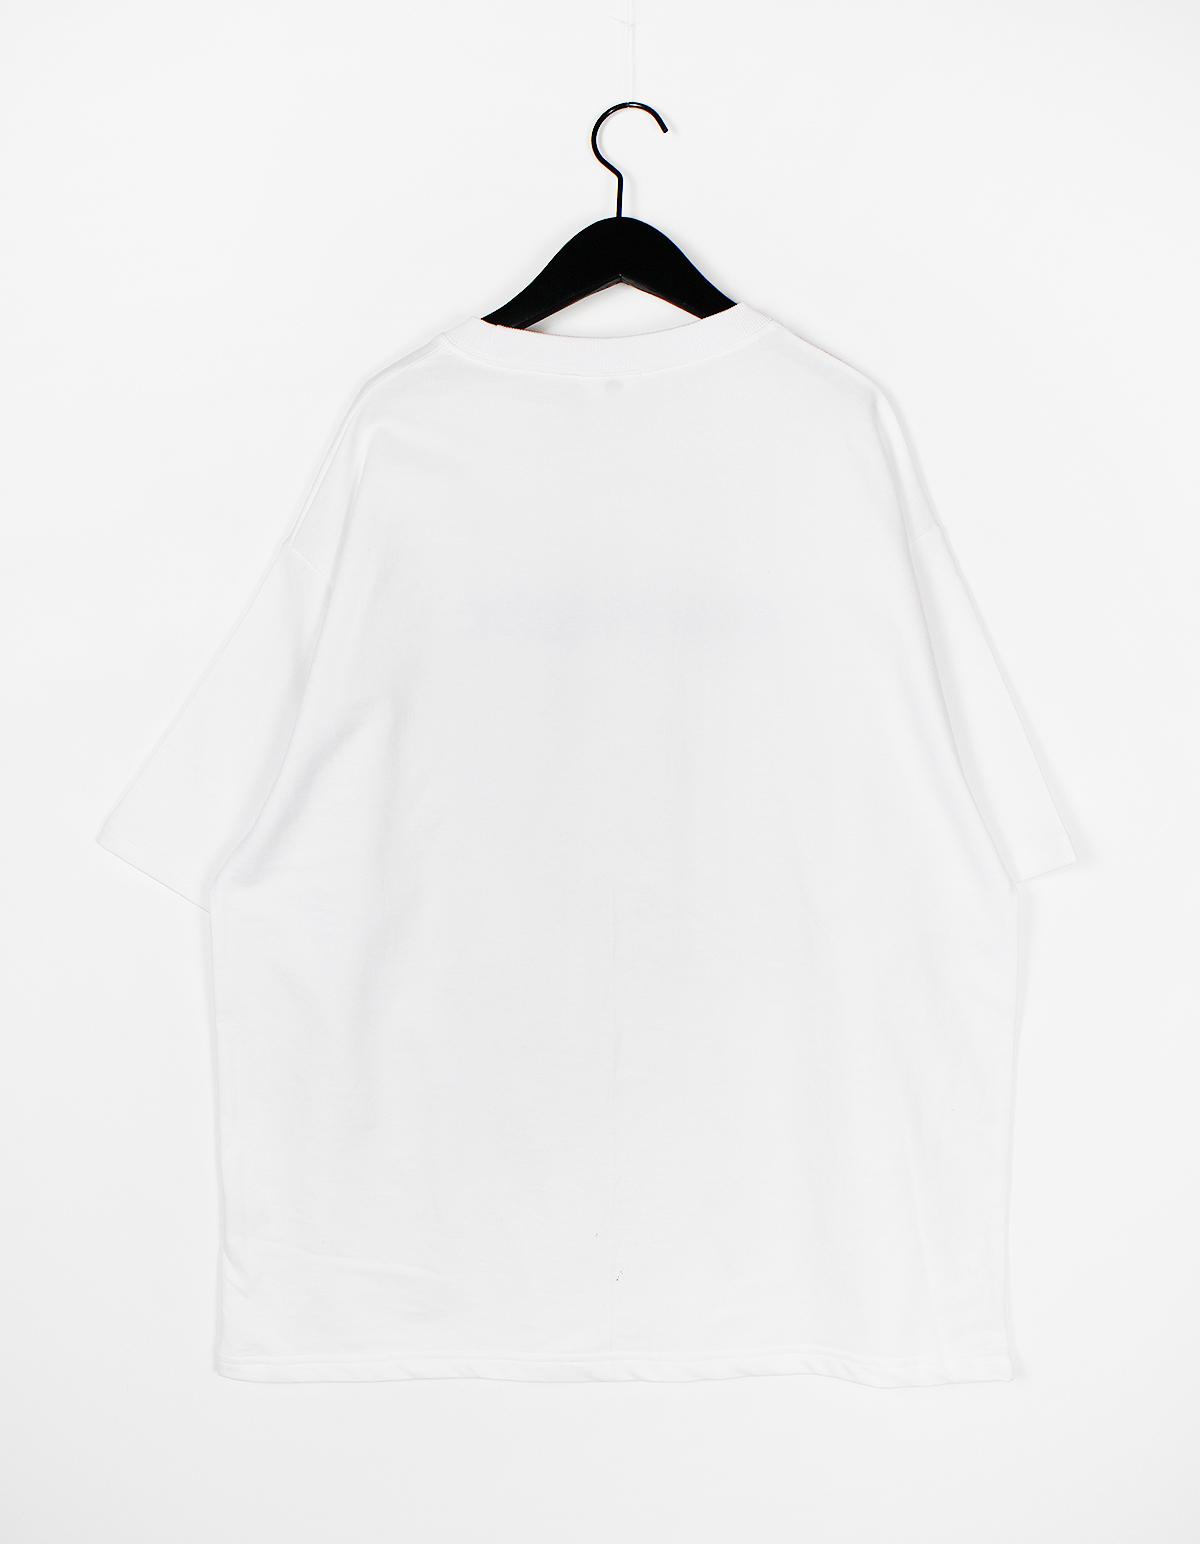 반팔 티셔츠 화이트 색상 이미지-S1L31